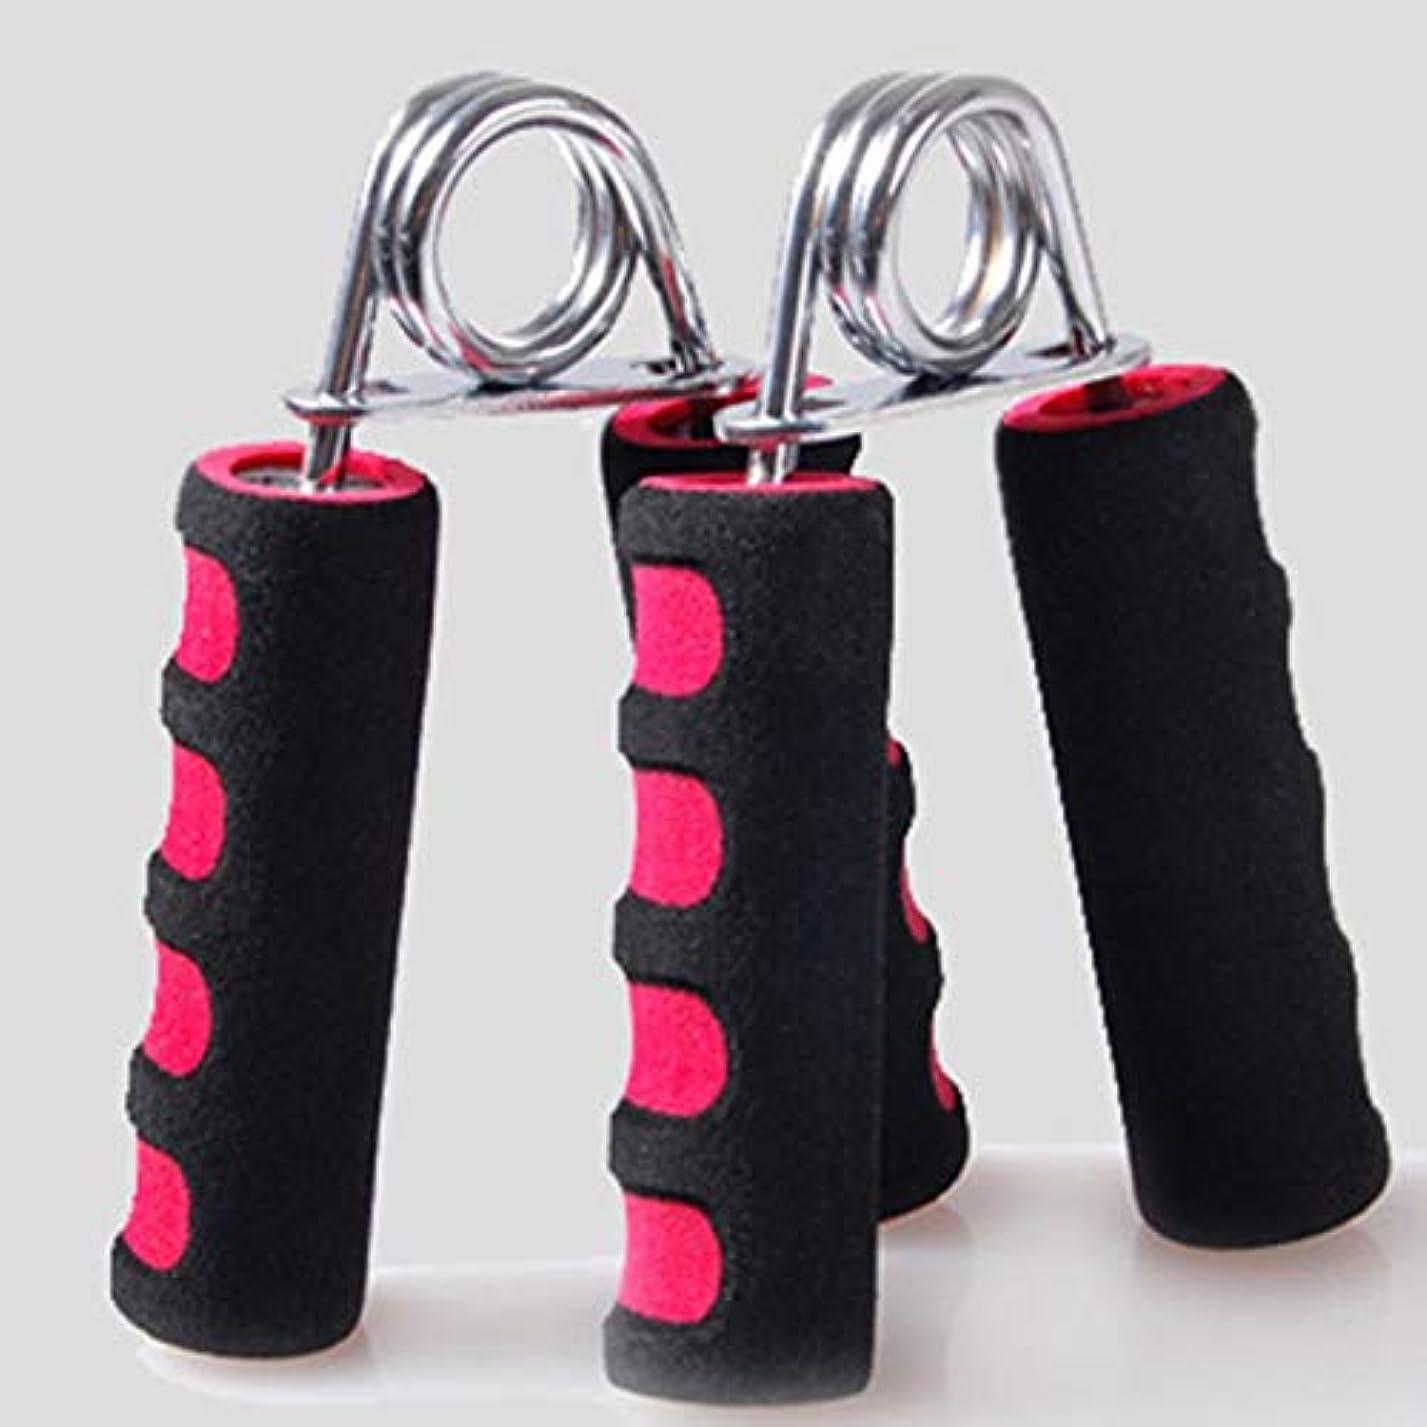 叫び声磁器スリップ体操および毎日の練習のための手のグリッパーの腕の手首の運動者の適性のグリップの頑丈なトレーナー